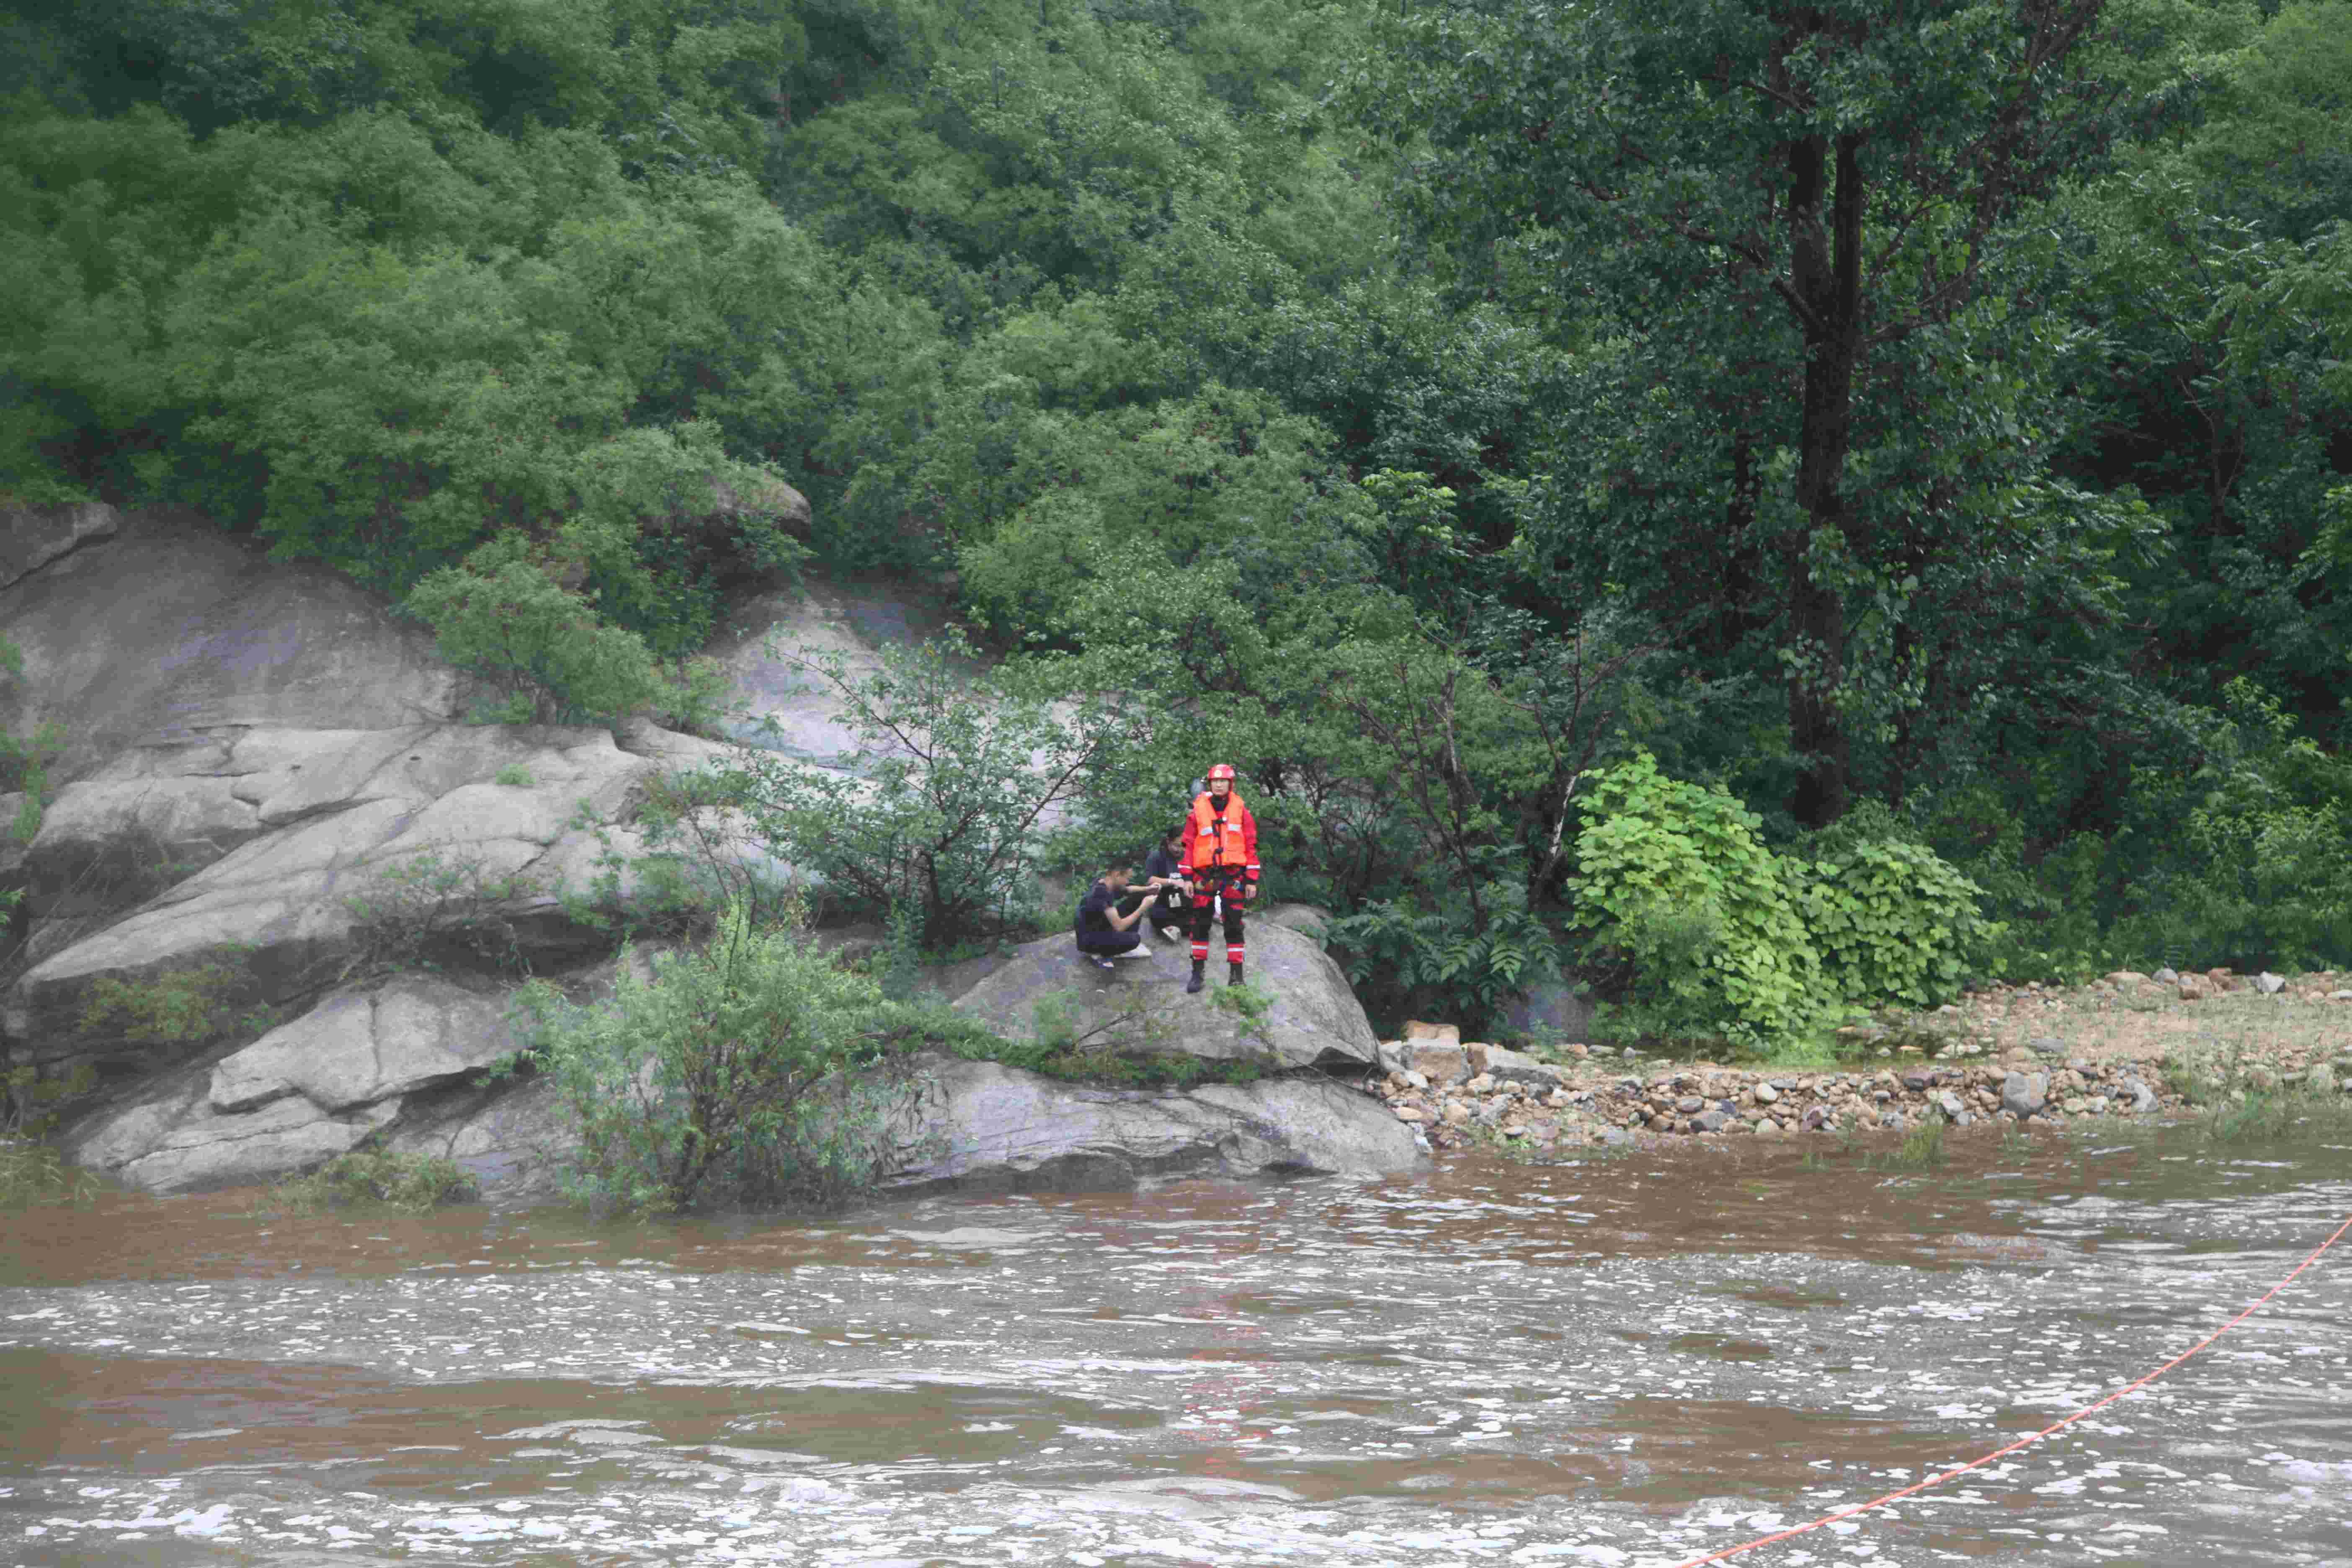 怀柔大雨沙河水猛涨致2名游客被困,消防架绳桥2小时救回